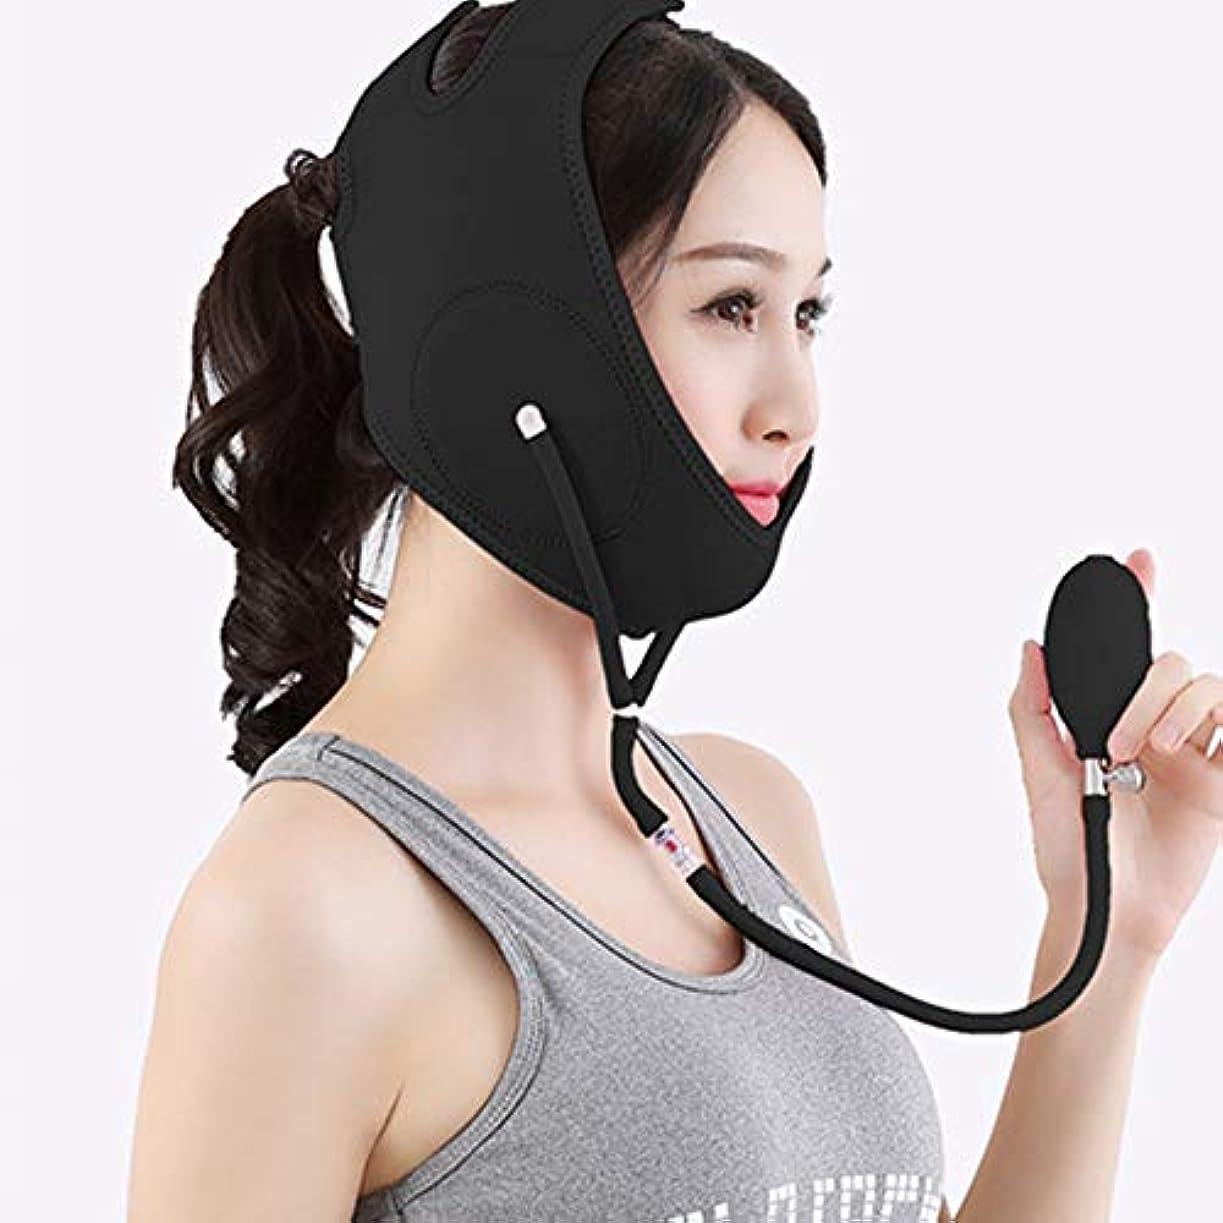 酸化する何故なの問い合わせる膨脹可能な表面持ち上がるベルト、V字型の顔の輪郭の二重あごの減力剤の通気性のV顔のマッサージャーのための携帯用完全